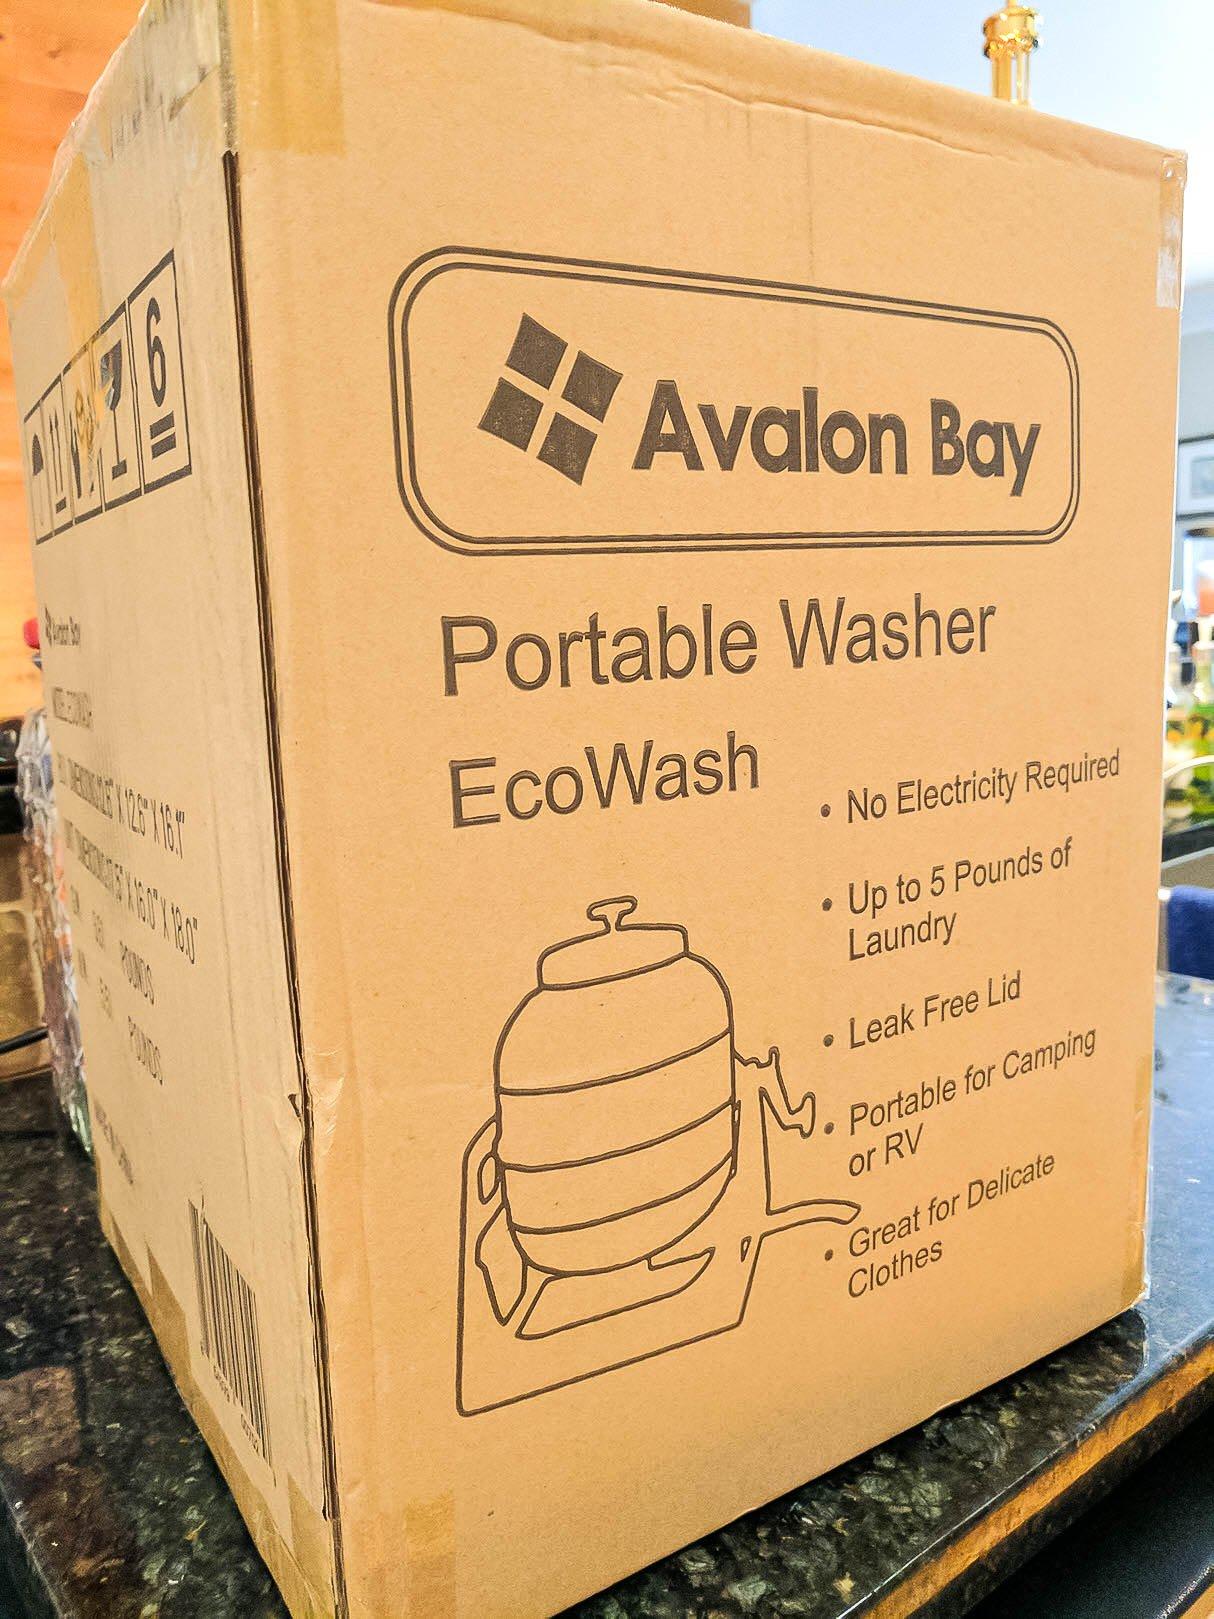 Laundry EcoWash